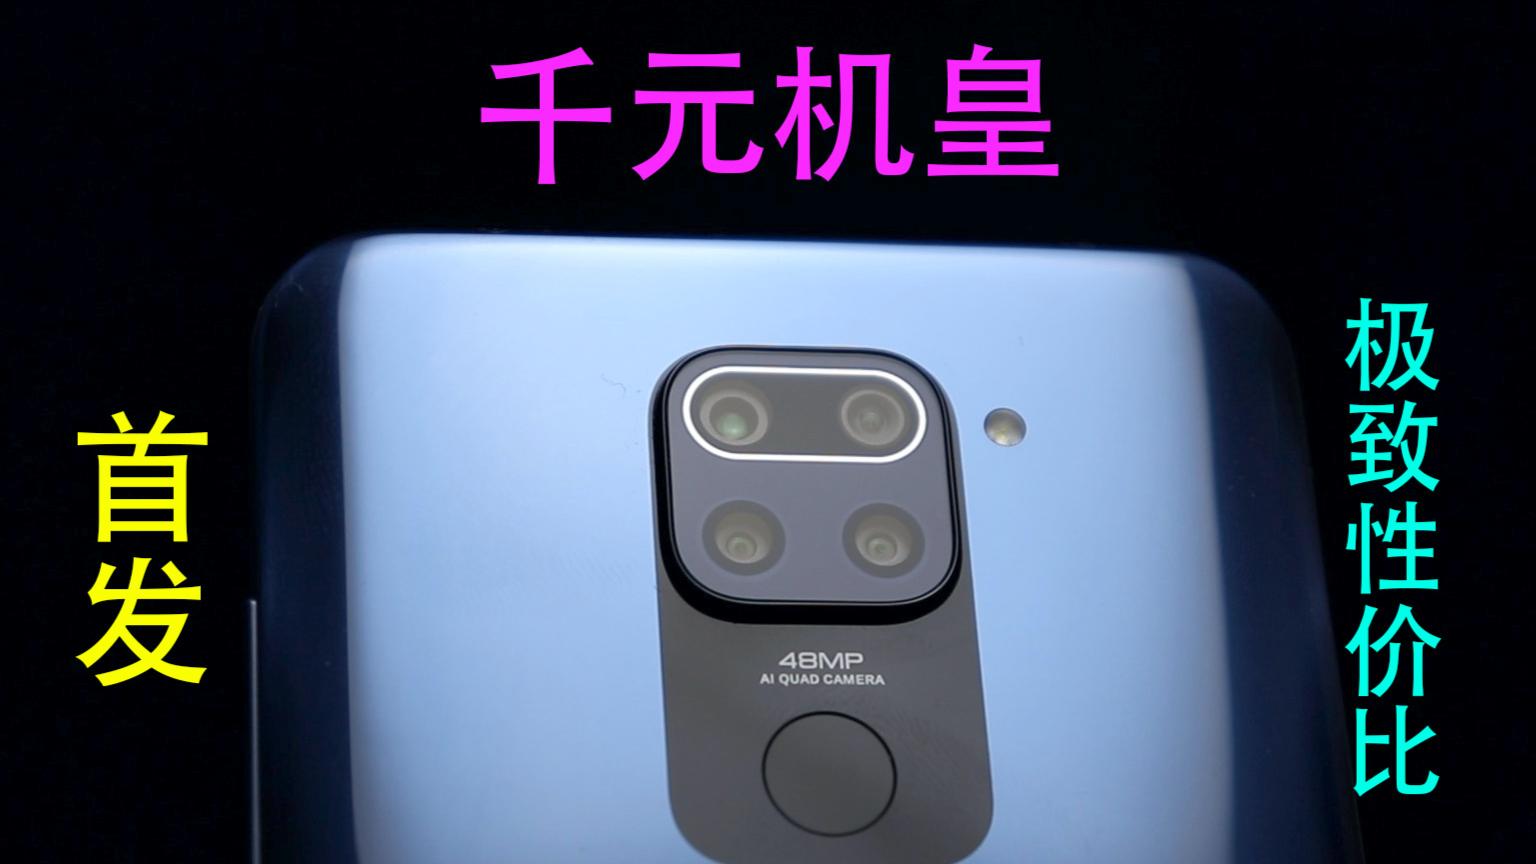 【阿牛评测】999元最新神机?给长辈换一部手机?Redmi/红米 10X 4G版首发开箱体验